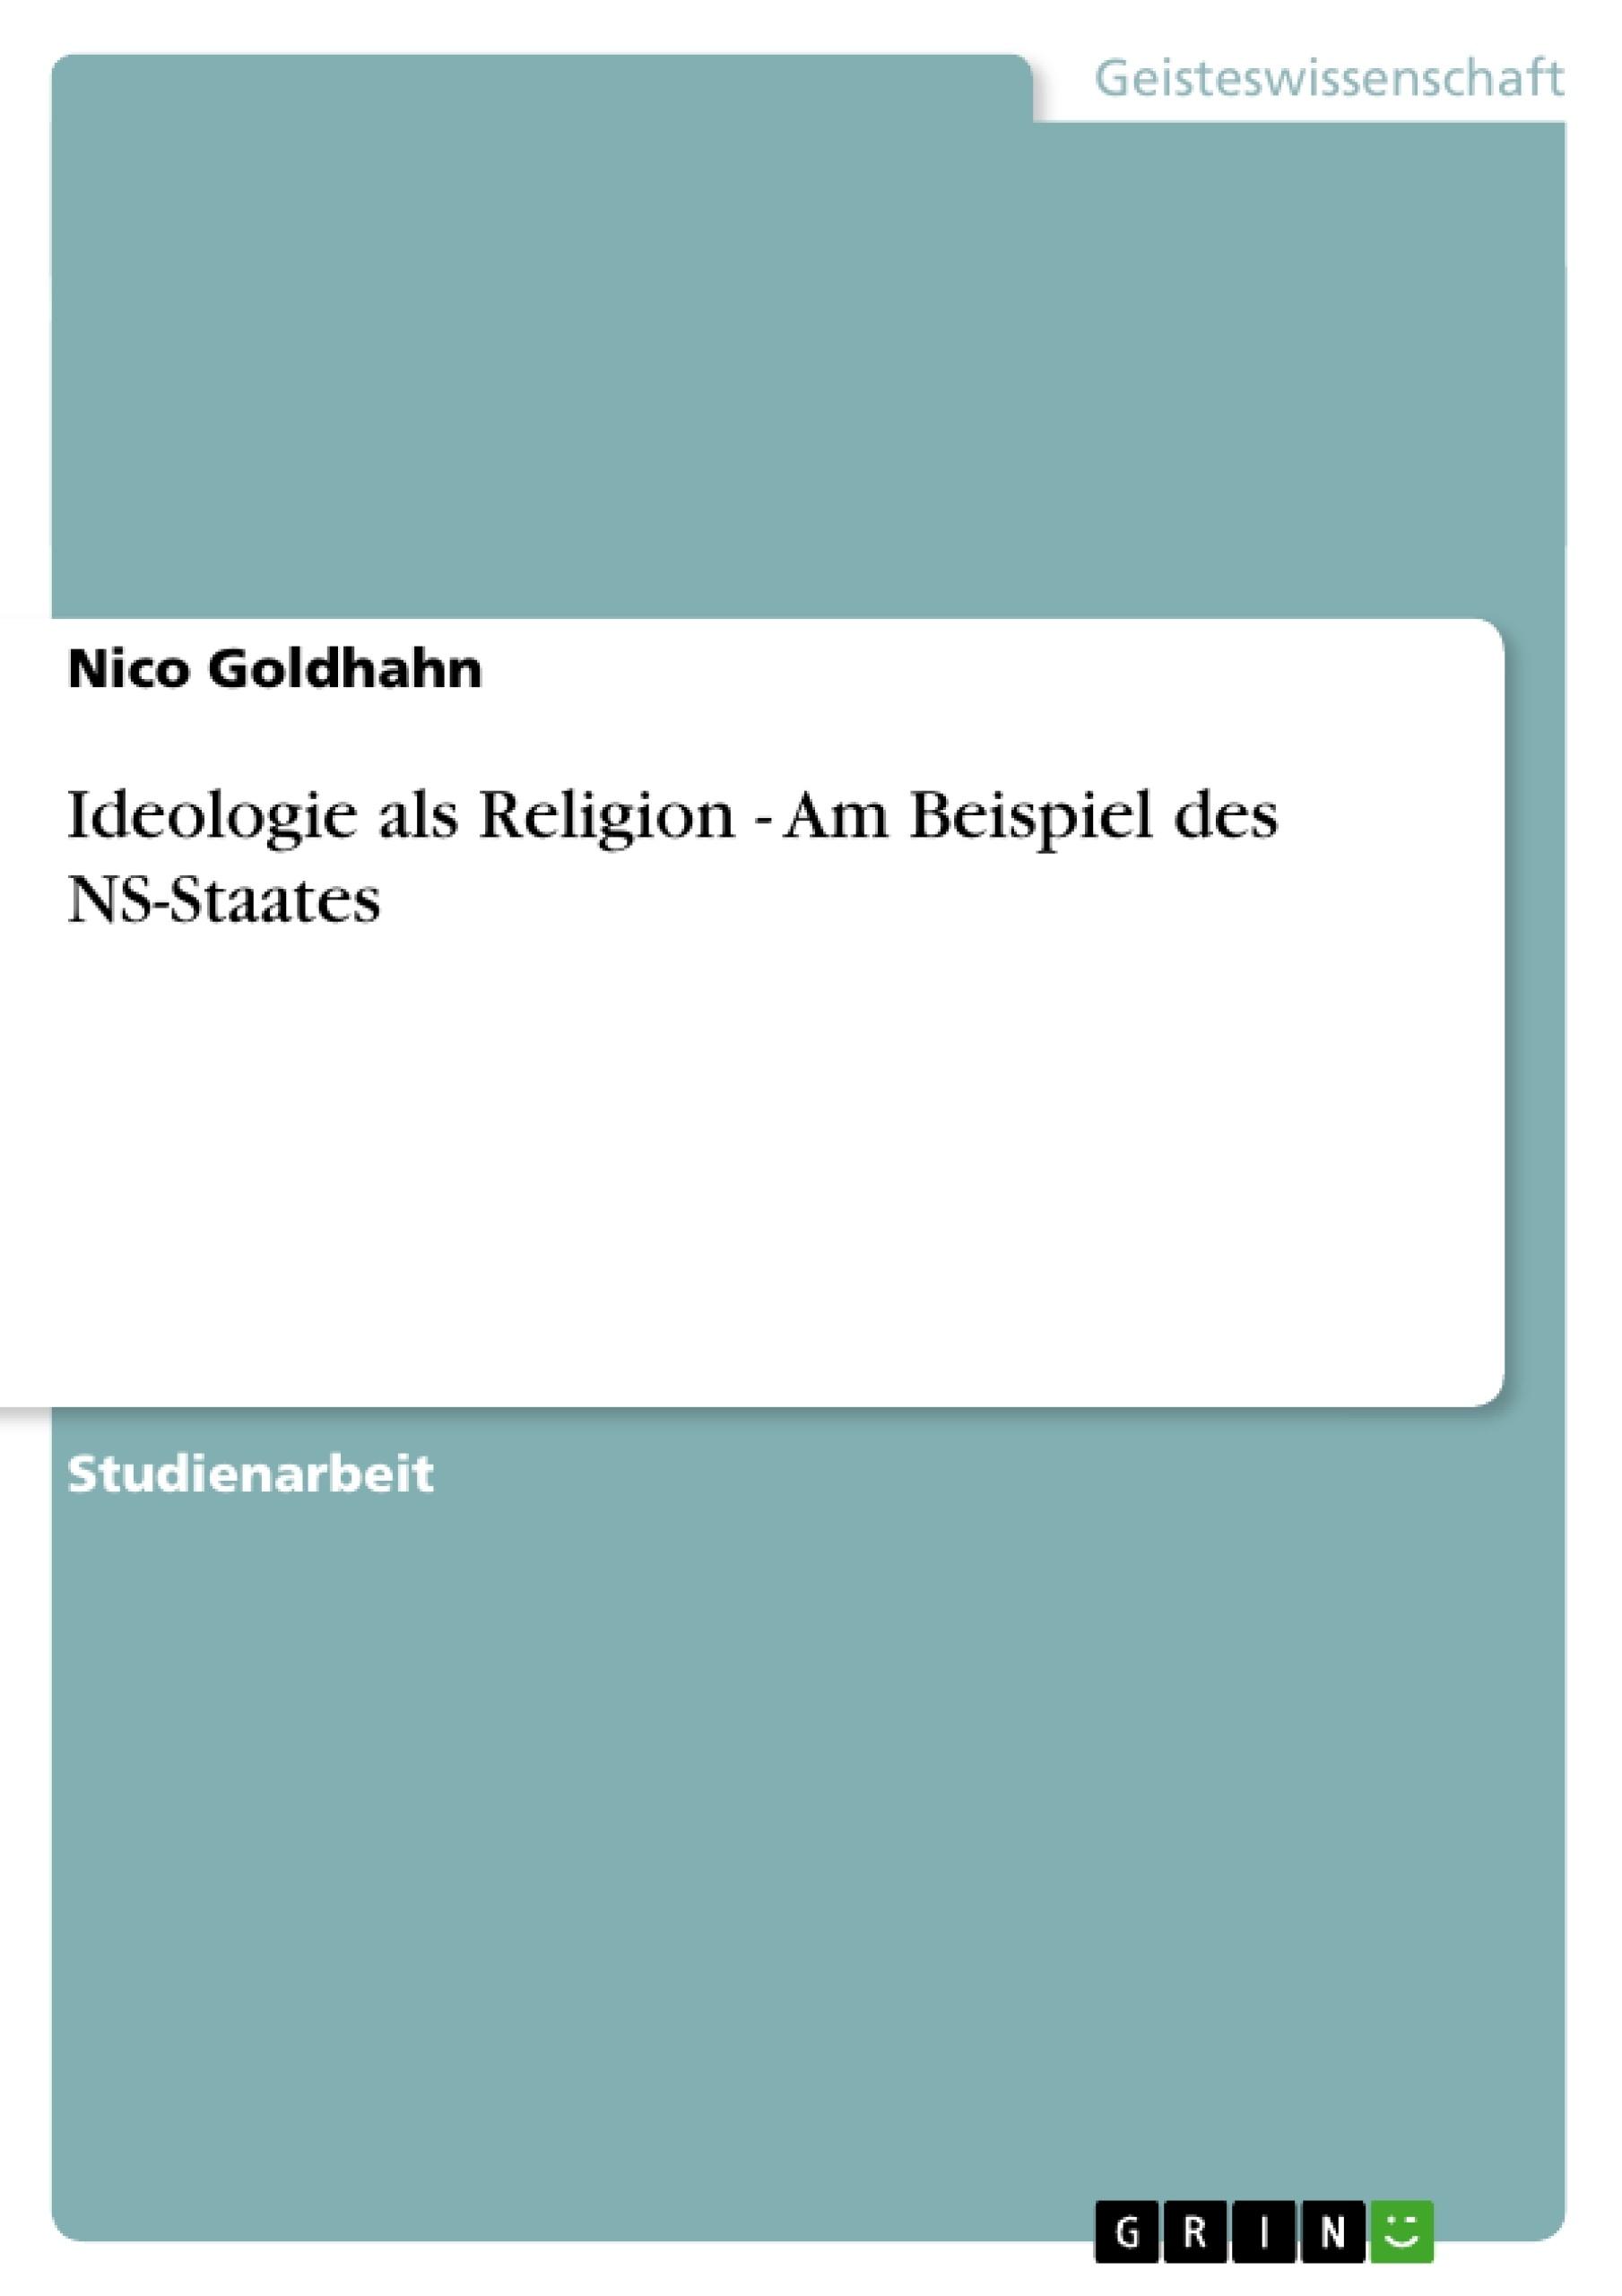 Titel: Ideologie als Religion - Am Beispiel des NS-Staates